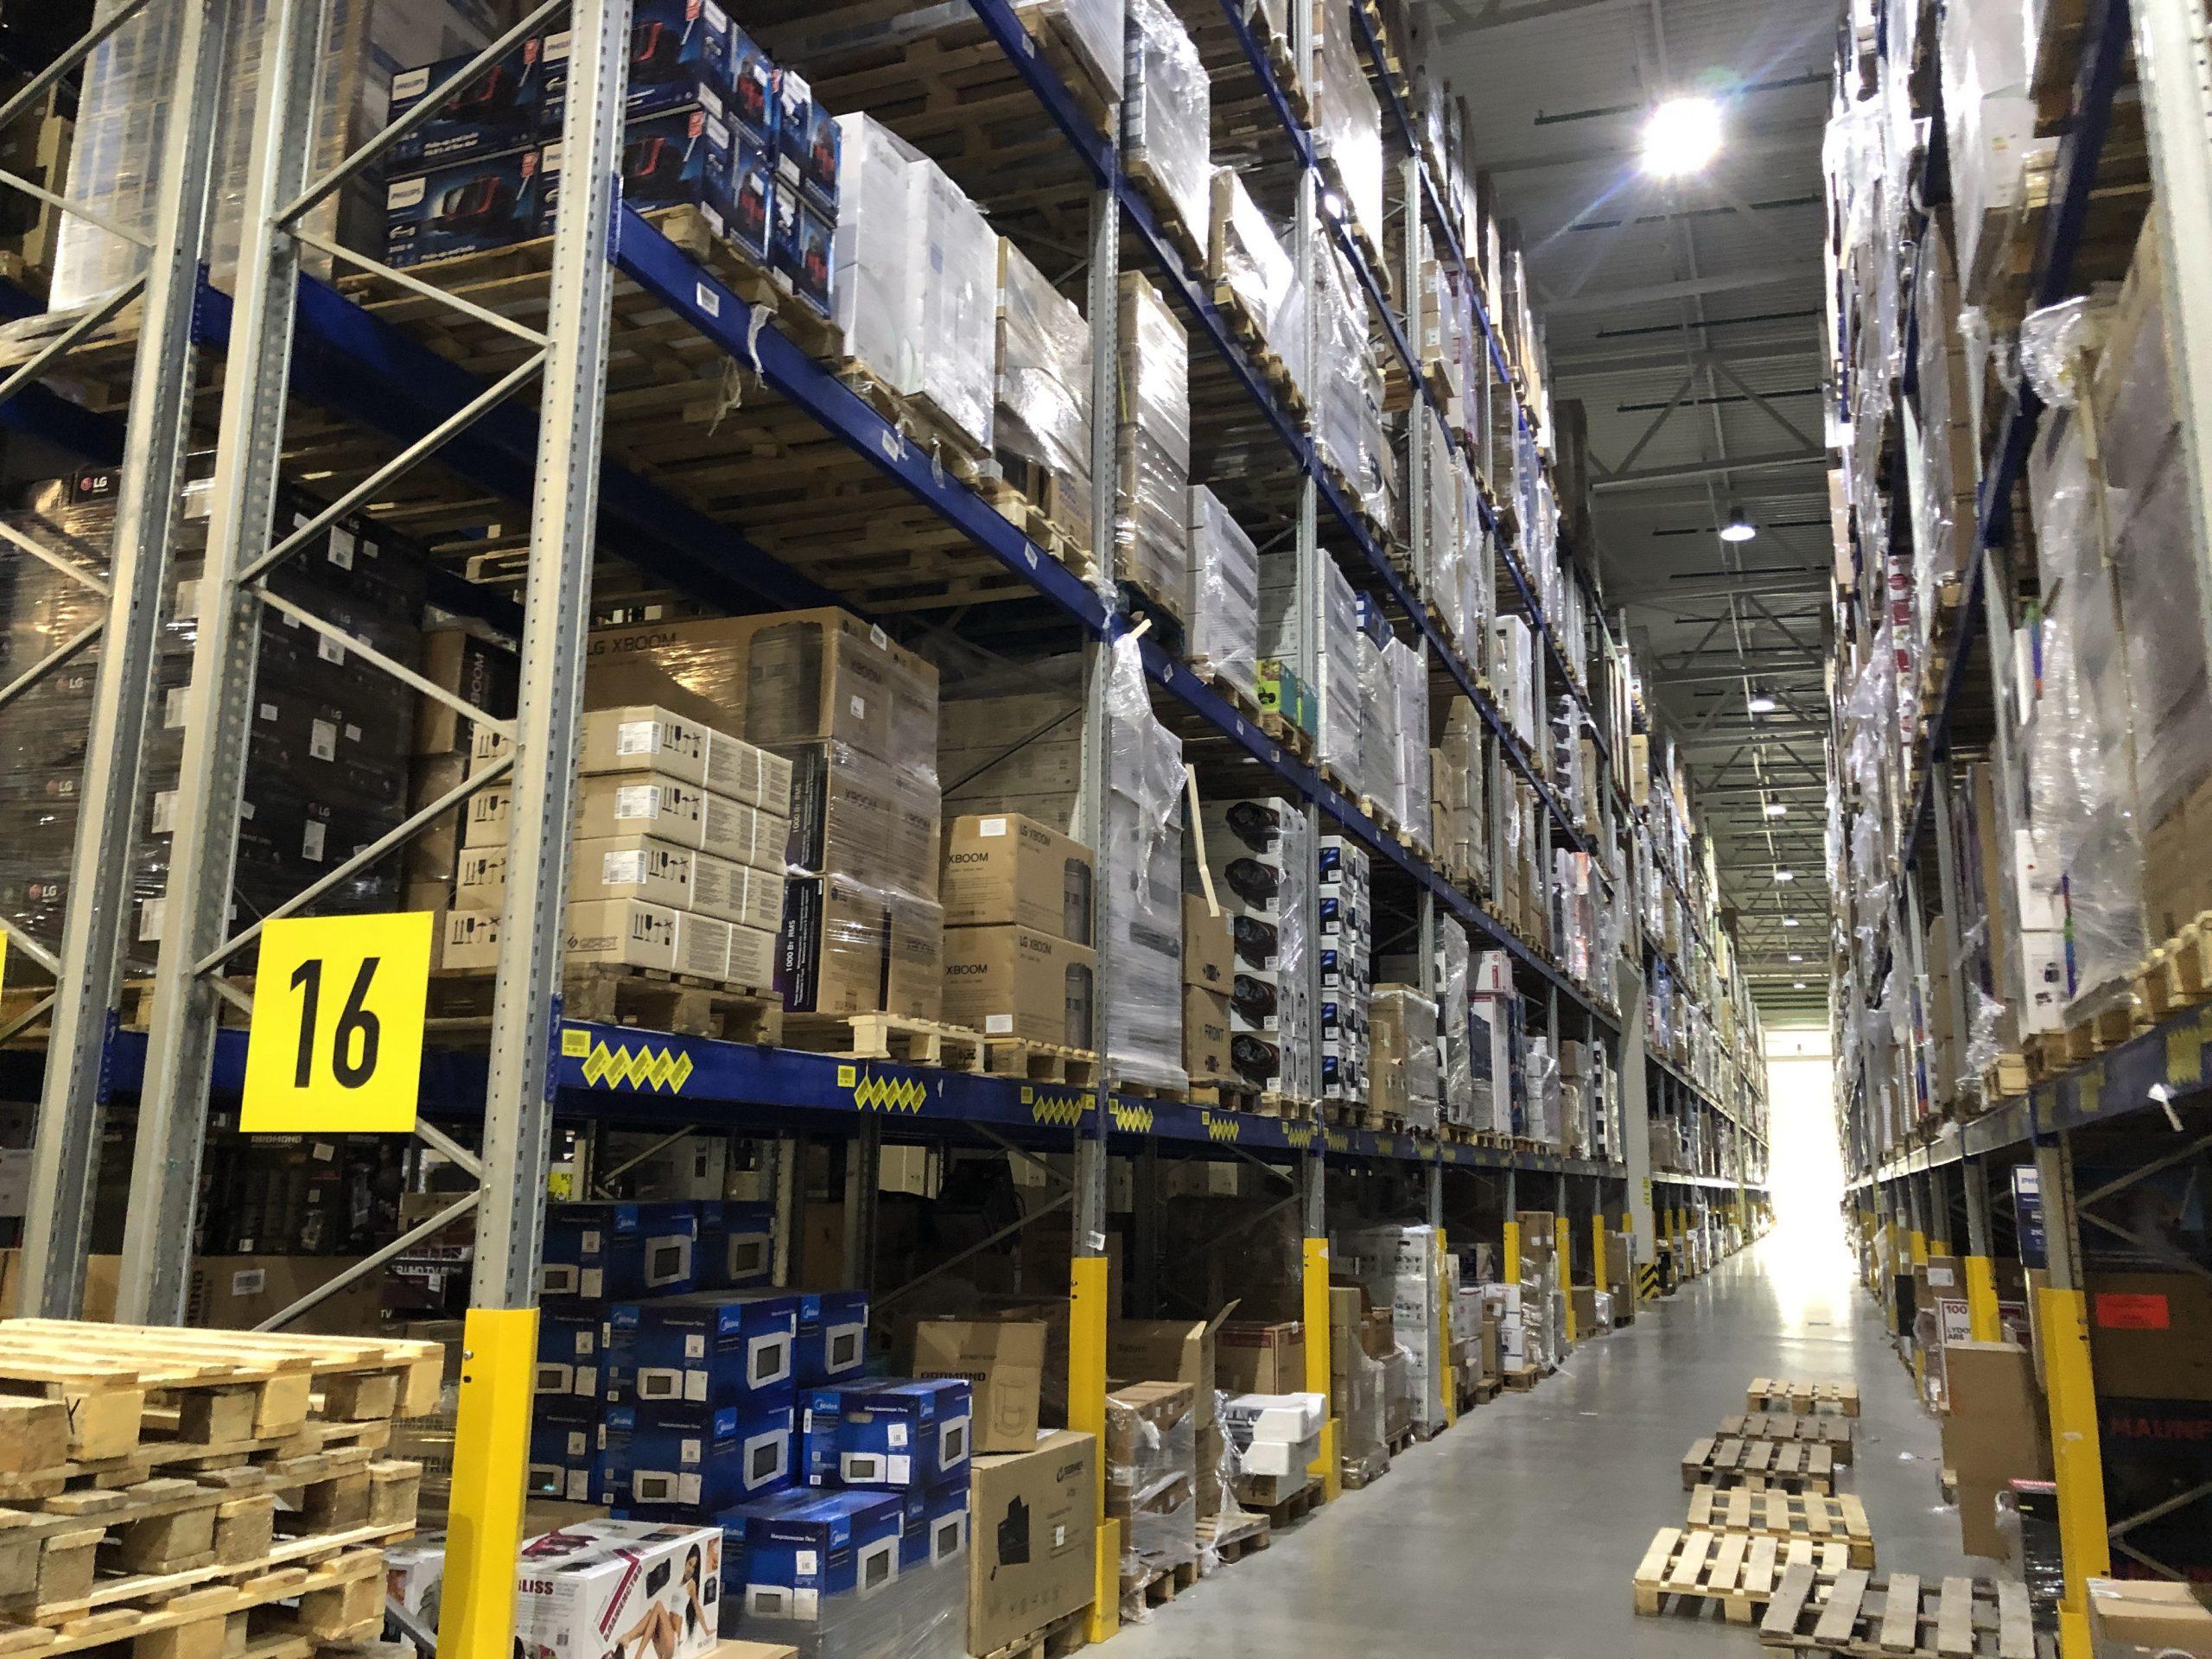 Впервые проведено исследование рынка фулфилмента в Беларуси 3